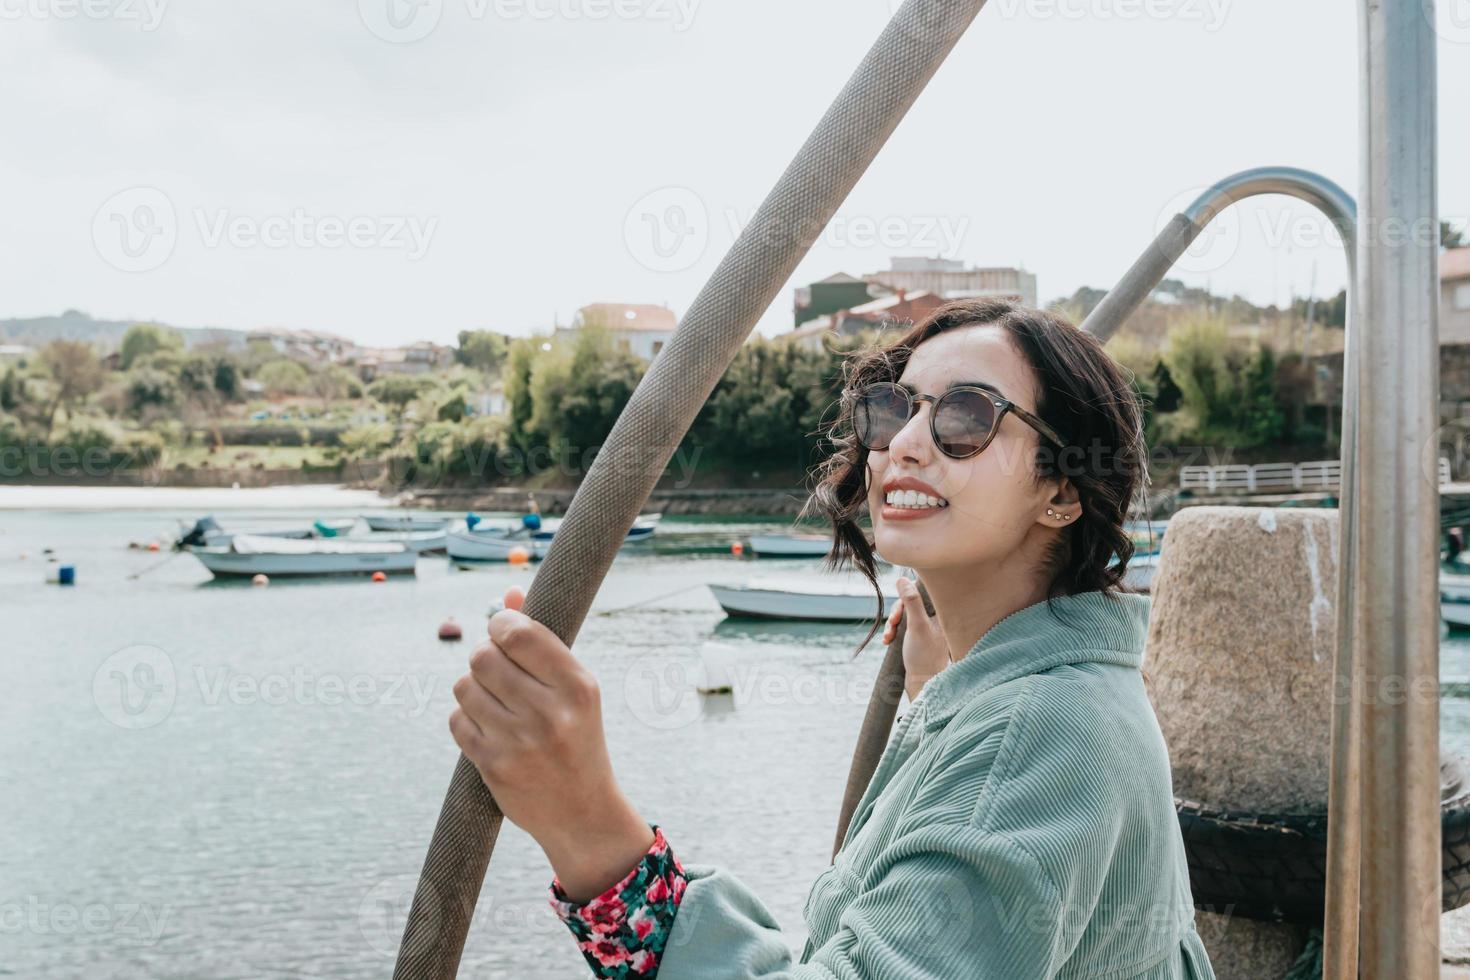 giovane donna su un molo sorridente durante una giornata di sole foto